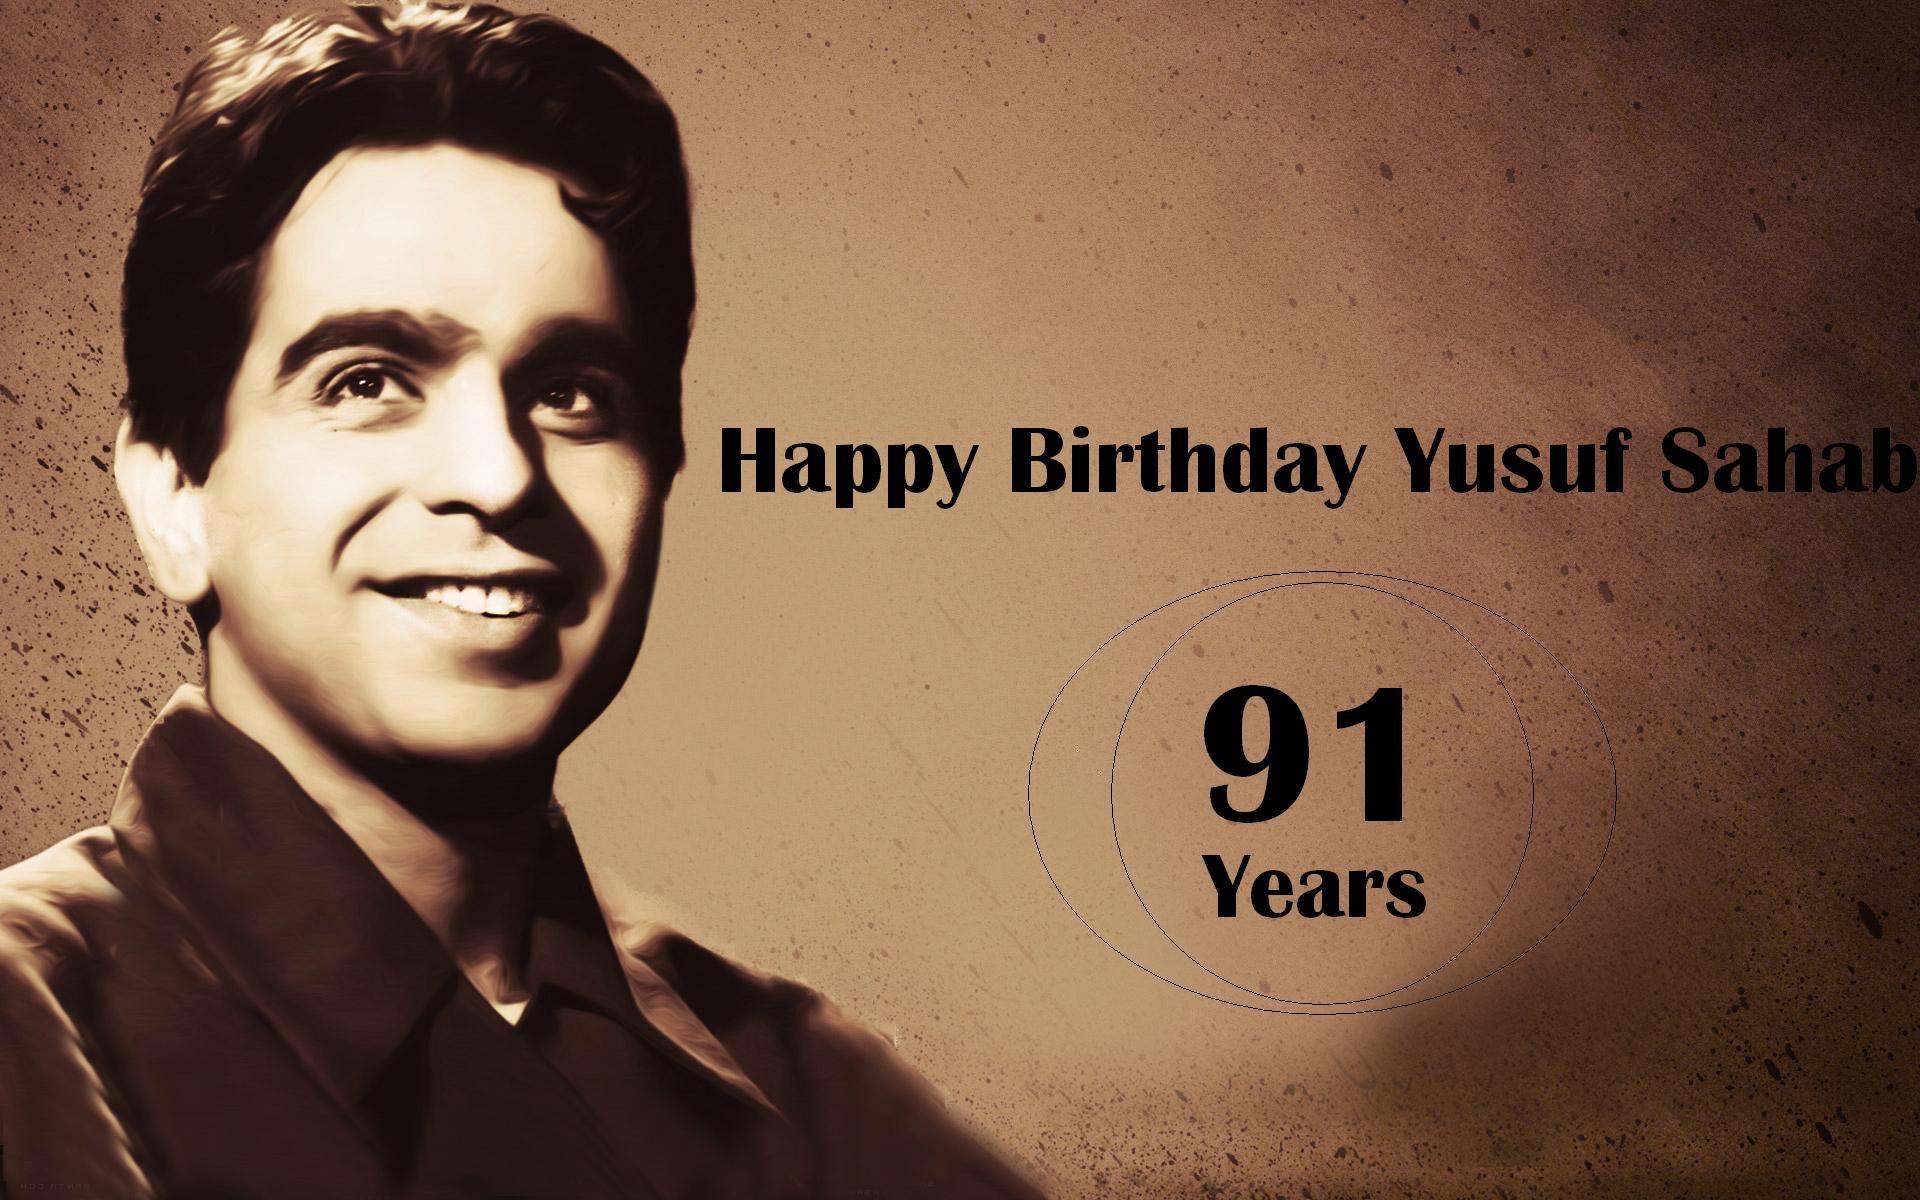 Happy B'day Dilip Kumar (Yusuf Sahab)